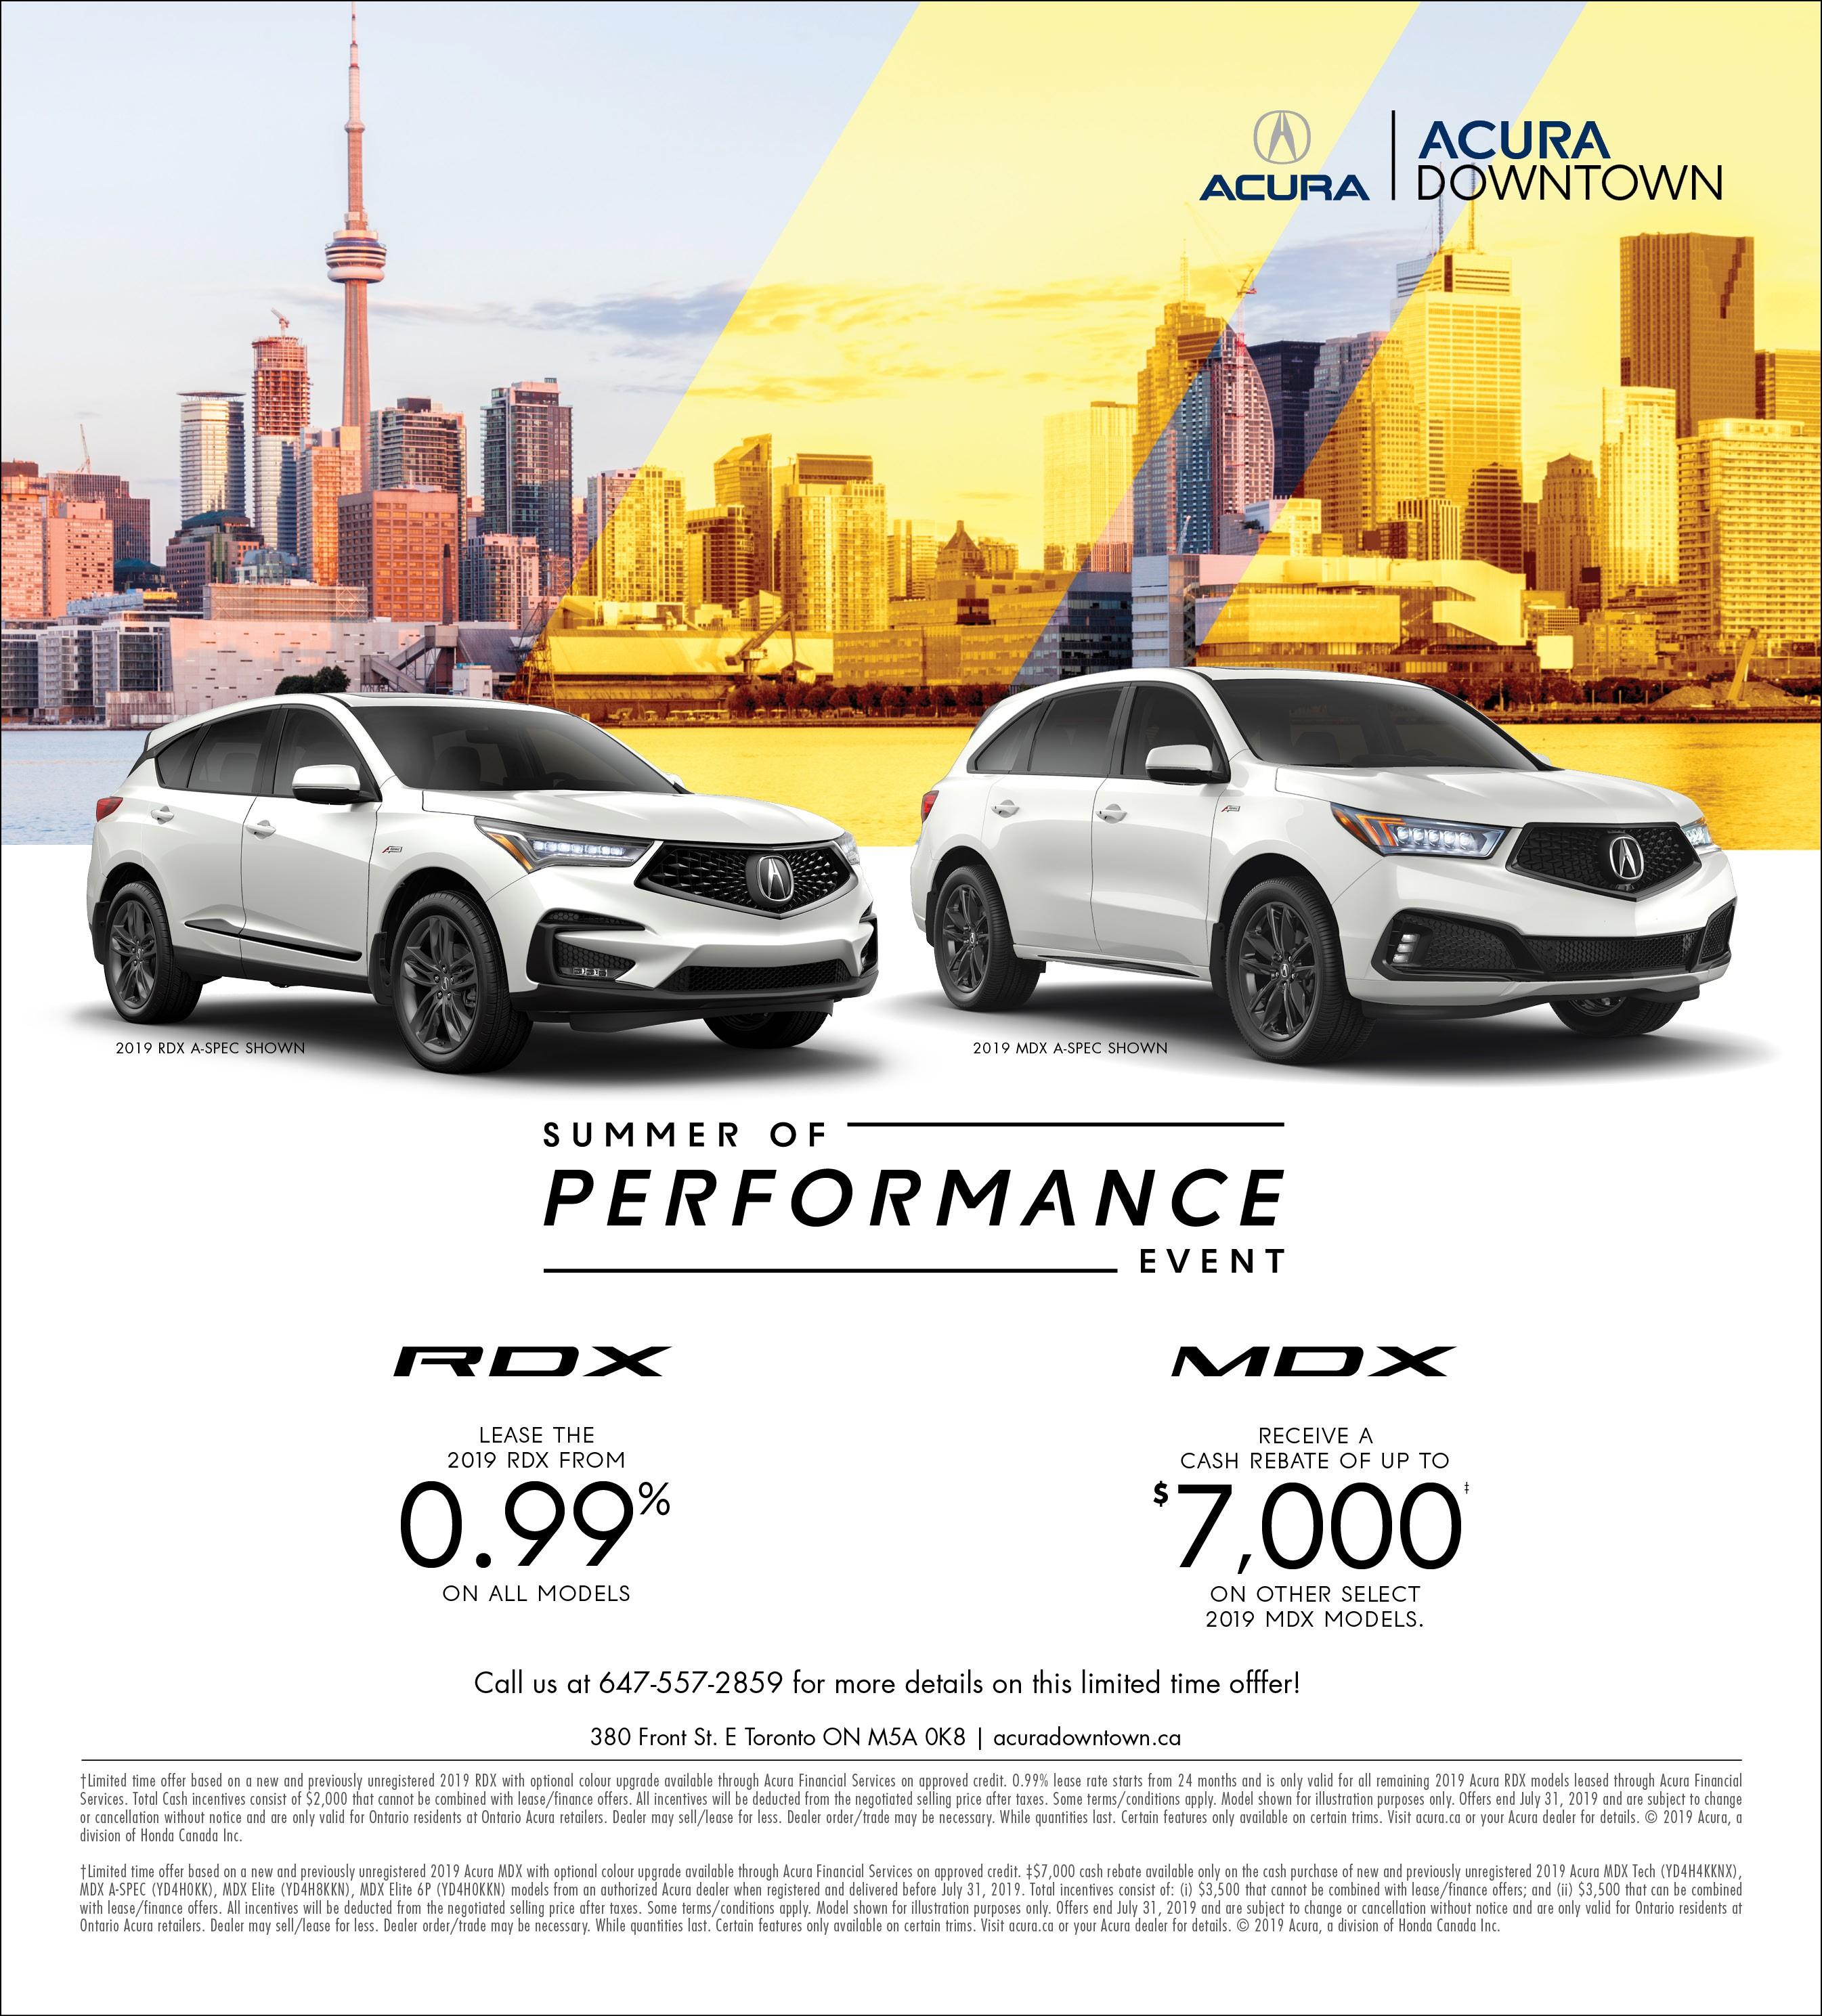 2019 Acura MDX Vs Acura RDX